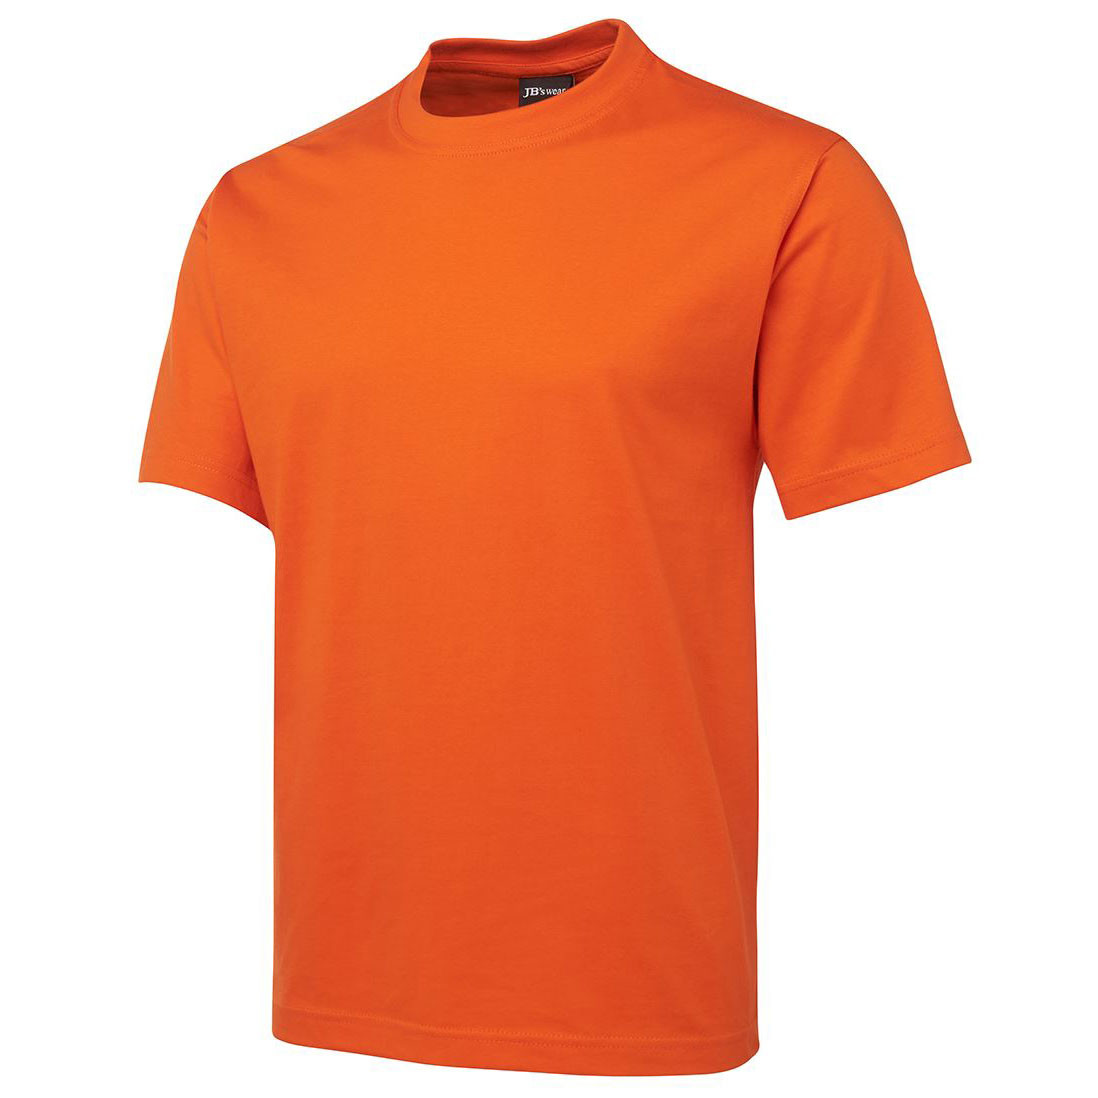 Buy Mens Hemp Clothing Online